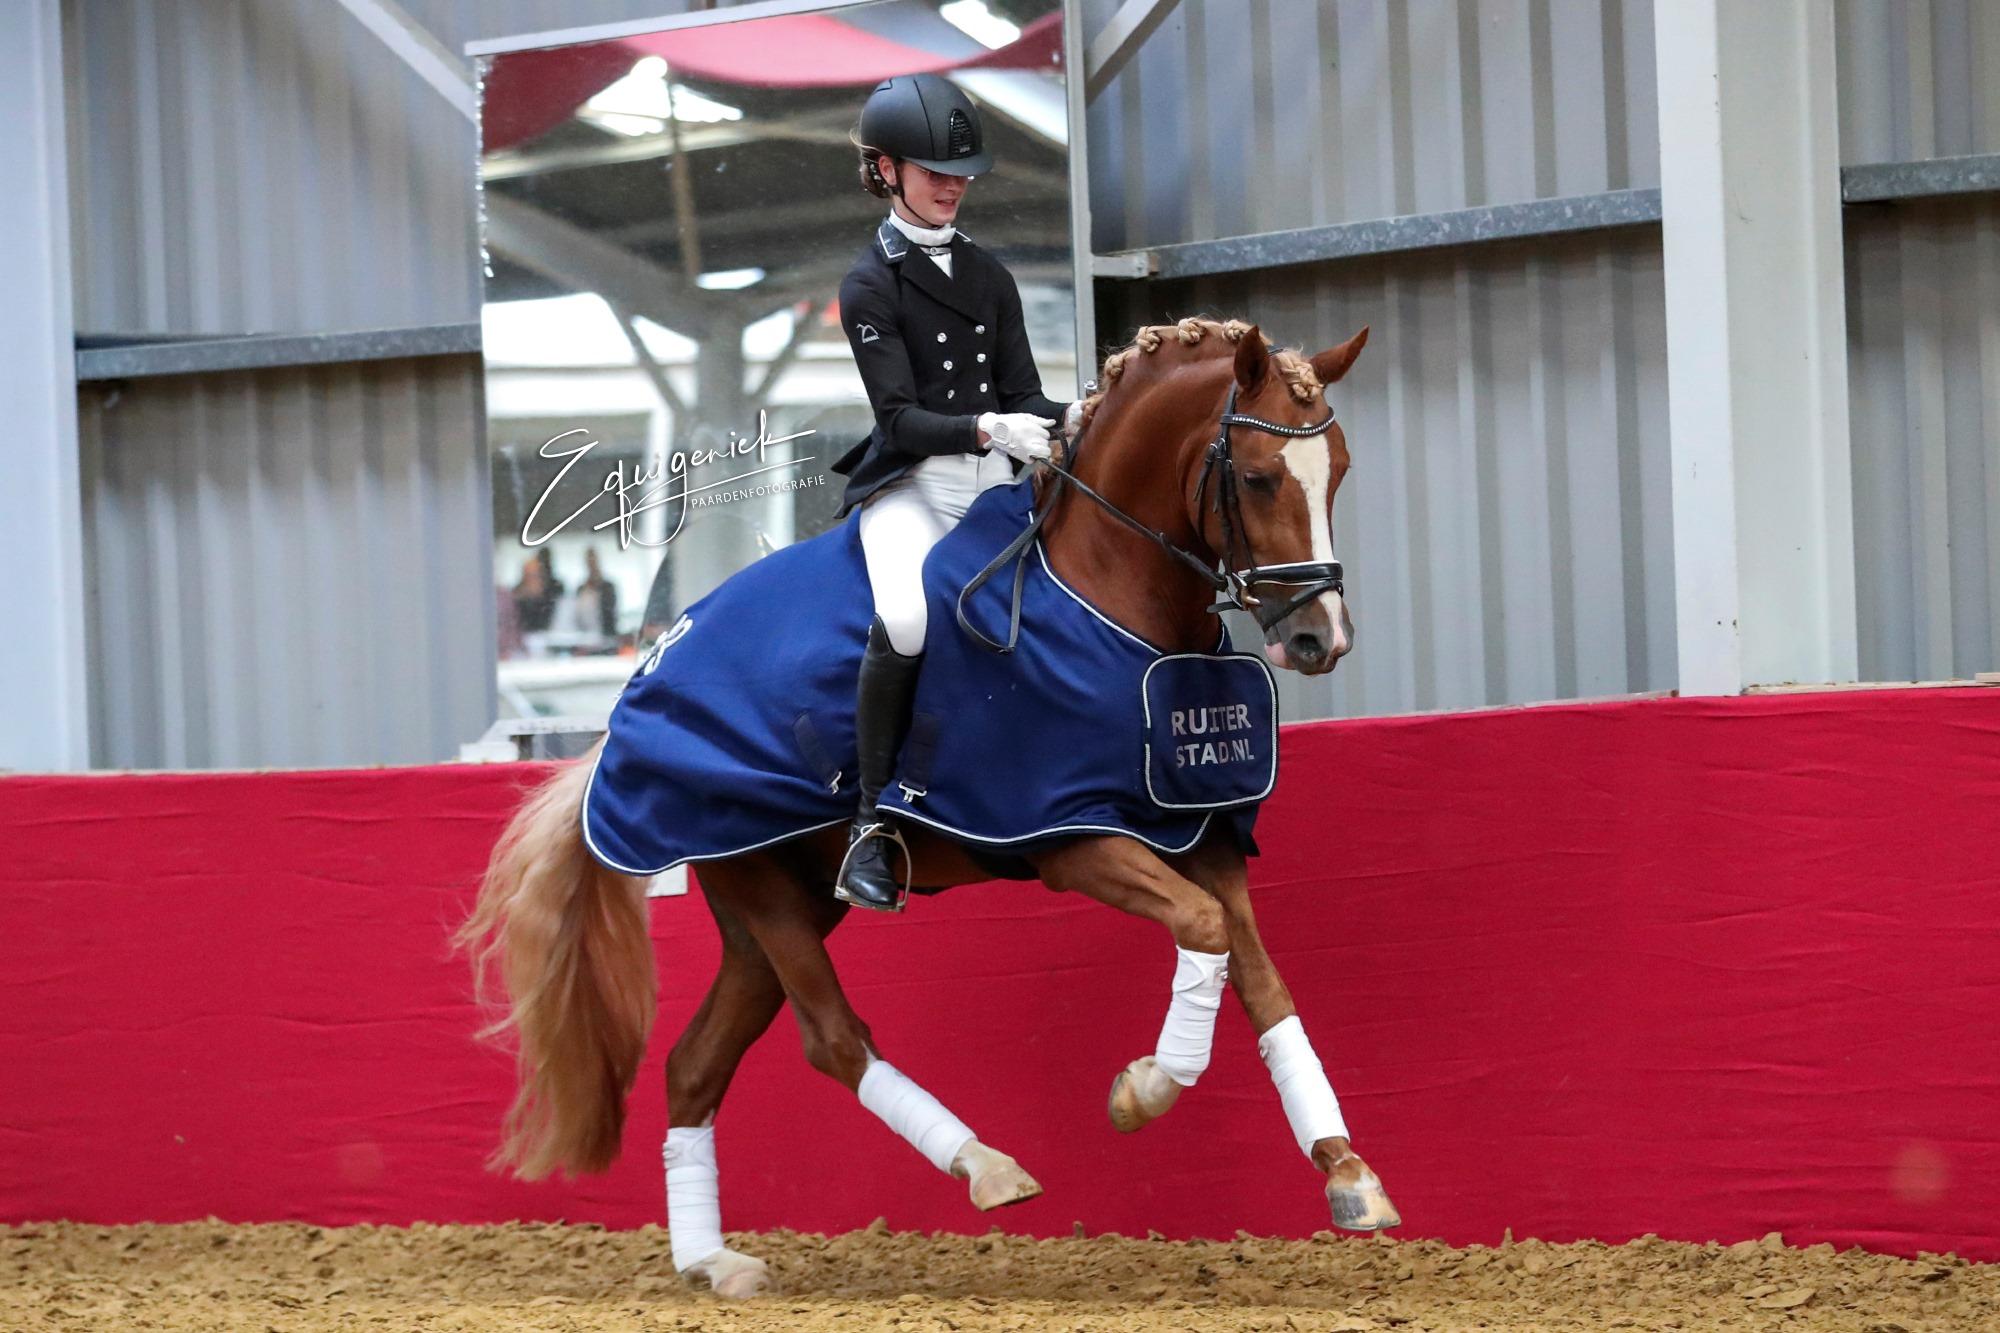 4-jr pony's His Royal Badness Isa Hollan